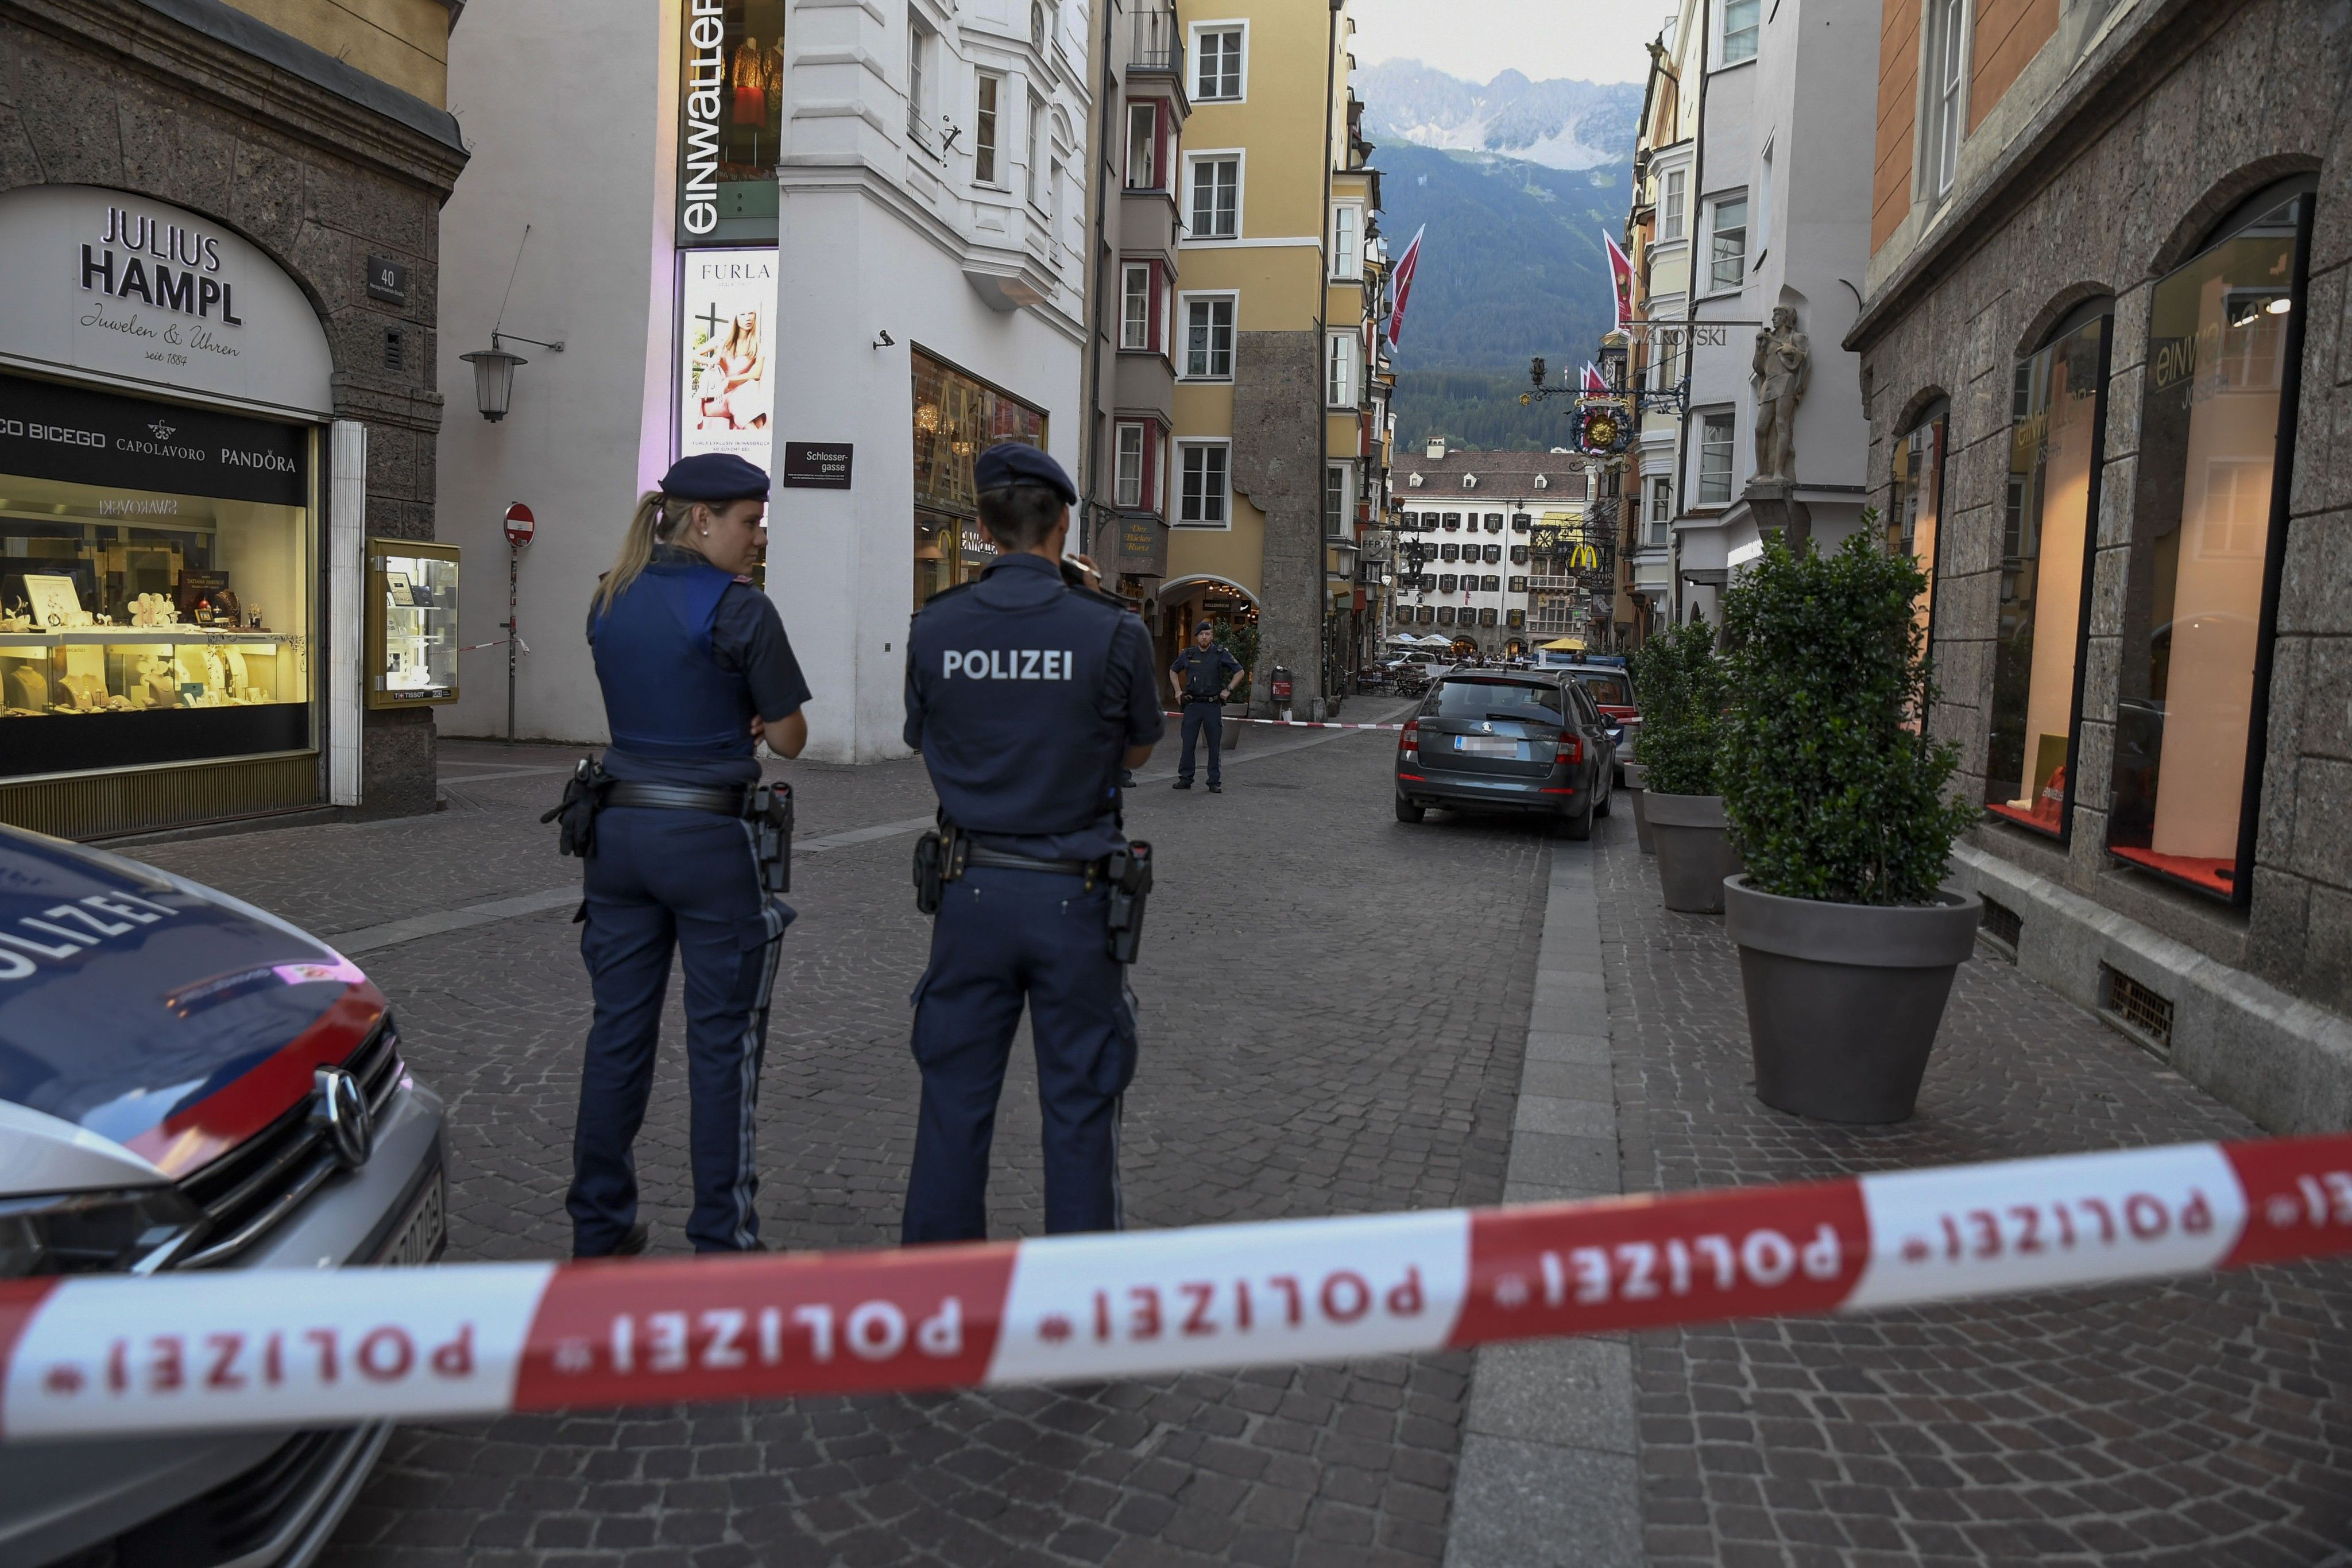 19-Jähriger in Innsbruck mit Machete attackiert und schwer verletzt